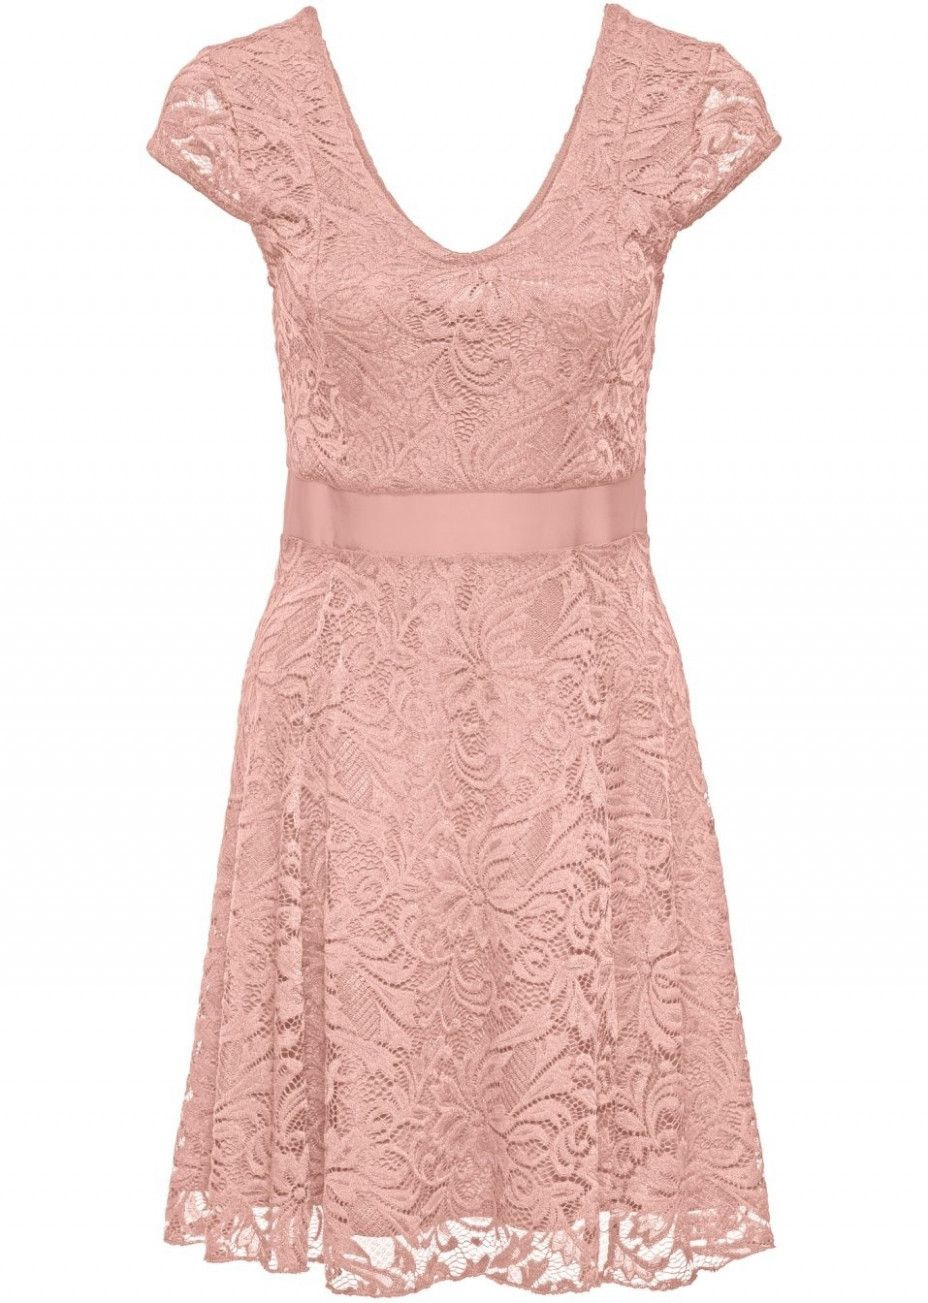 19 Rosa Kleid Spitze in 19  Vintage kleider, Rosa kleid mit